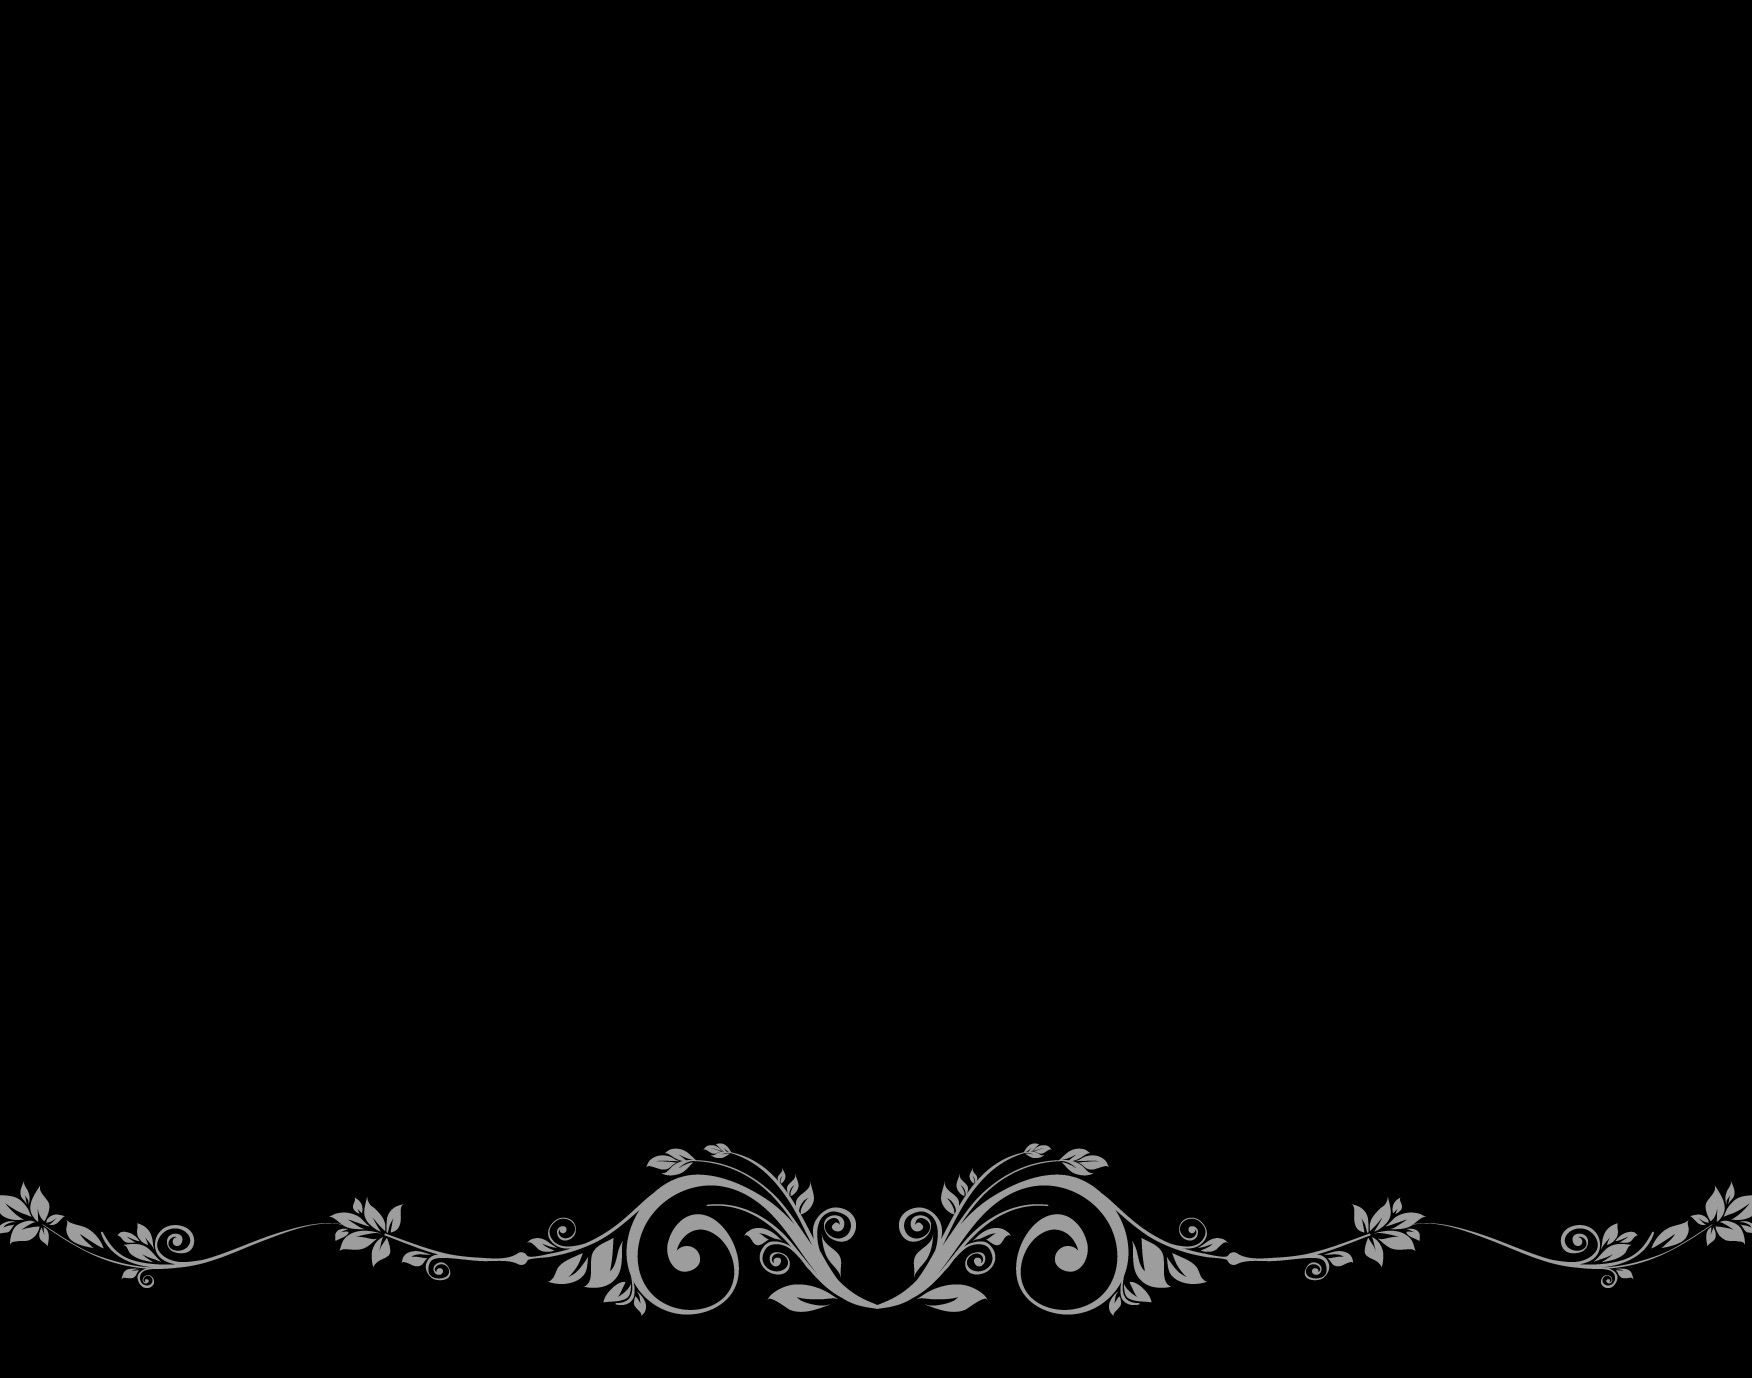 Background màu đen đẹp nhất